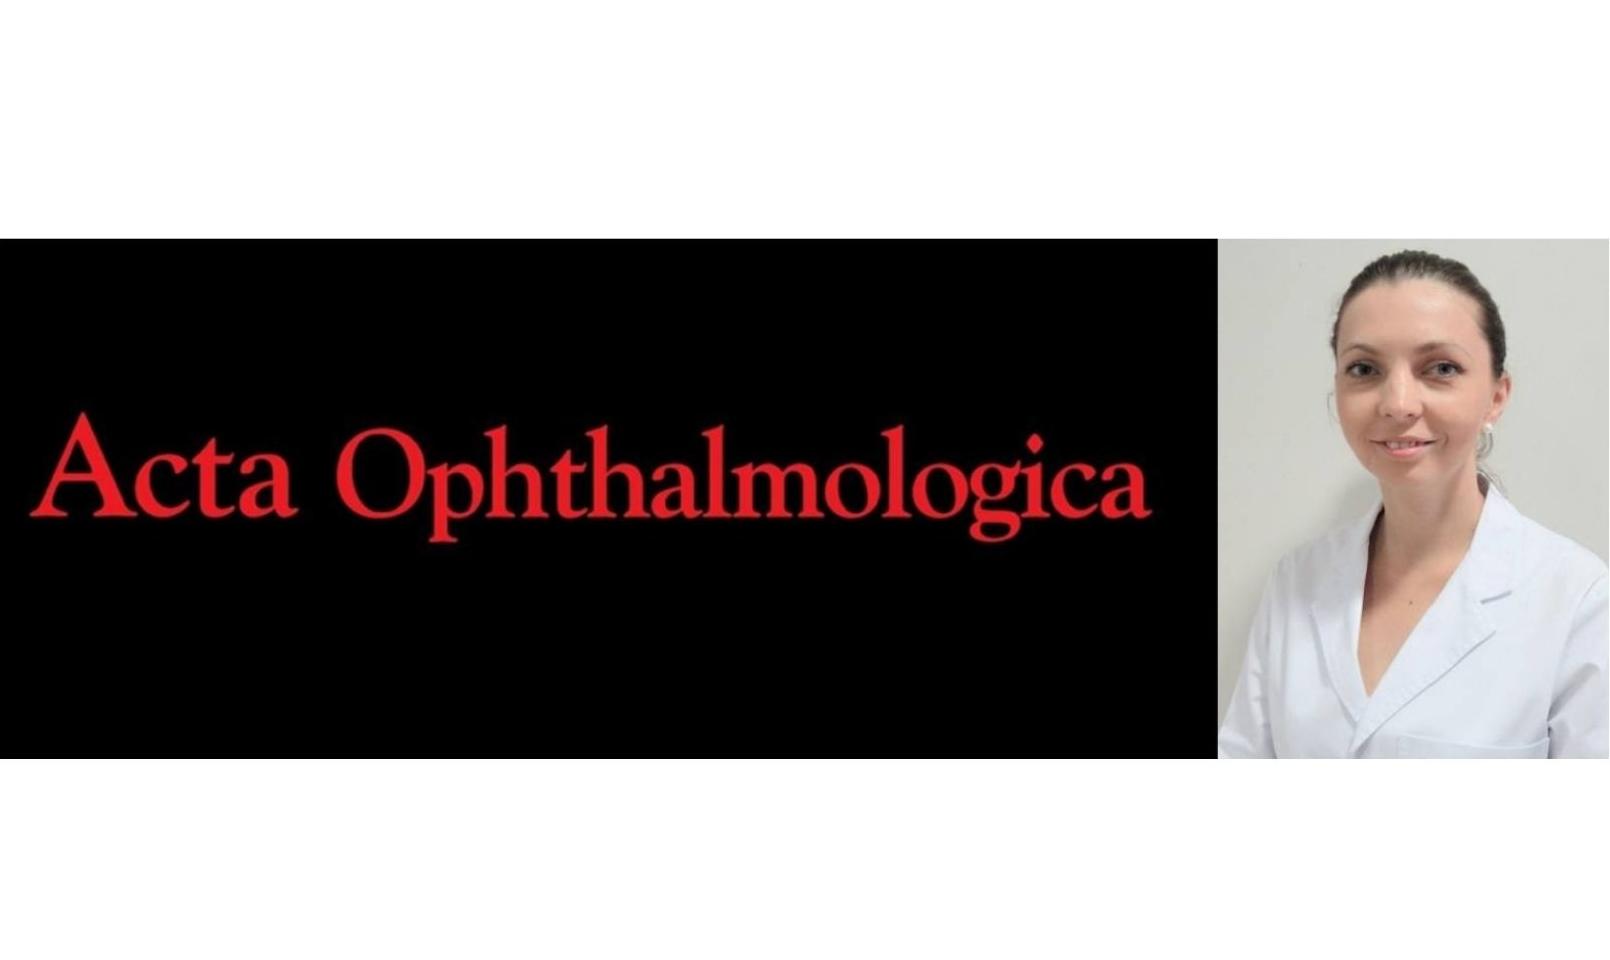 La Dra. Dyrda participa en un estudio internacional sobre la coriorretinopatía serosa central